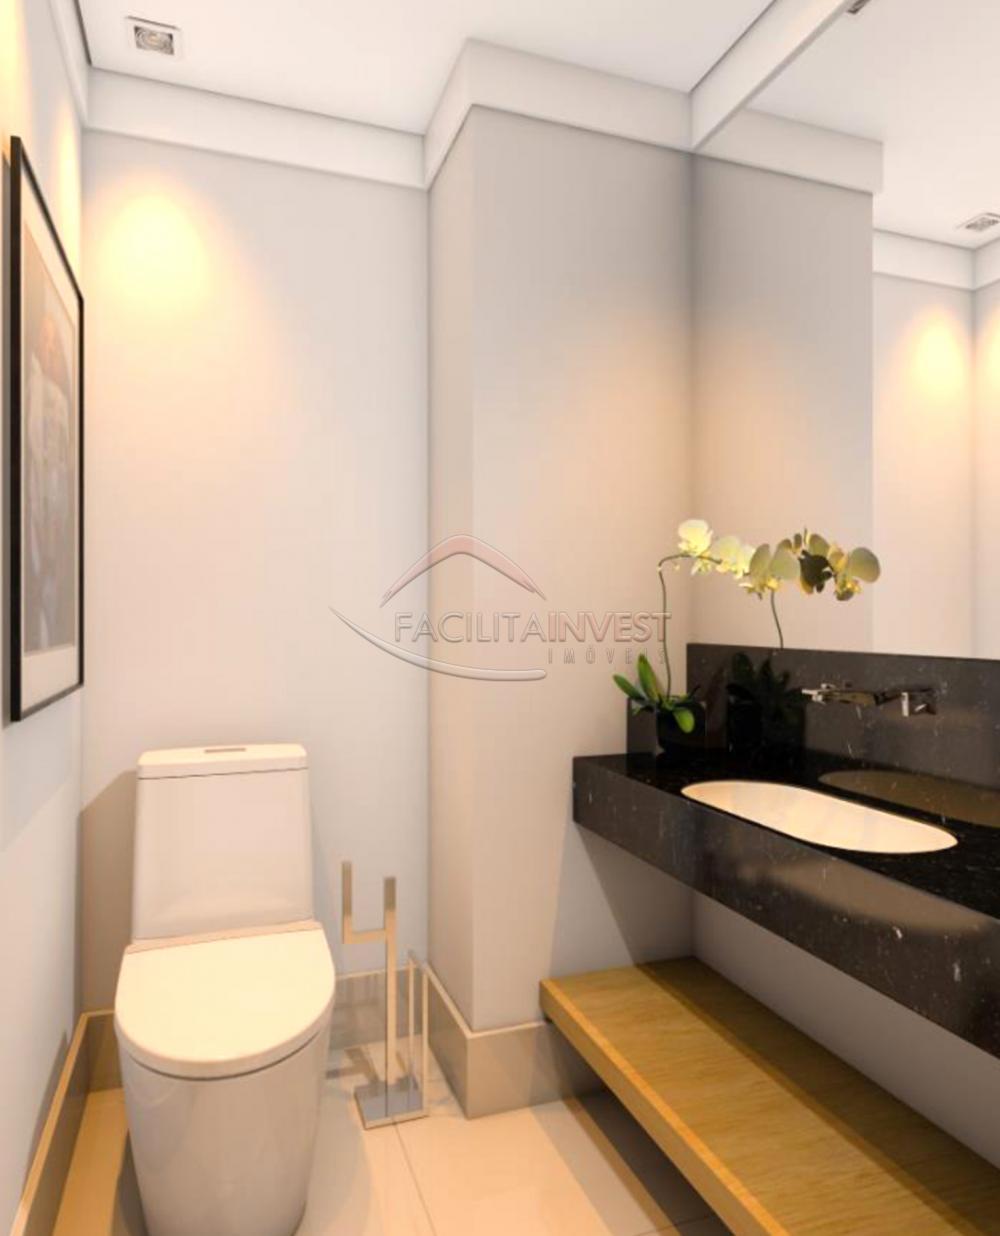 Comprar Lançamentos/ Empreendimentos em Construç / Apartamento padrão - Lançamento em Ribeirão Preto apenas R$ 582.523,00 - Foto 5